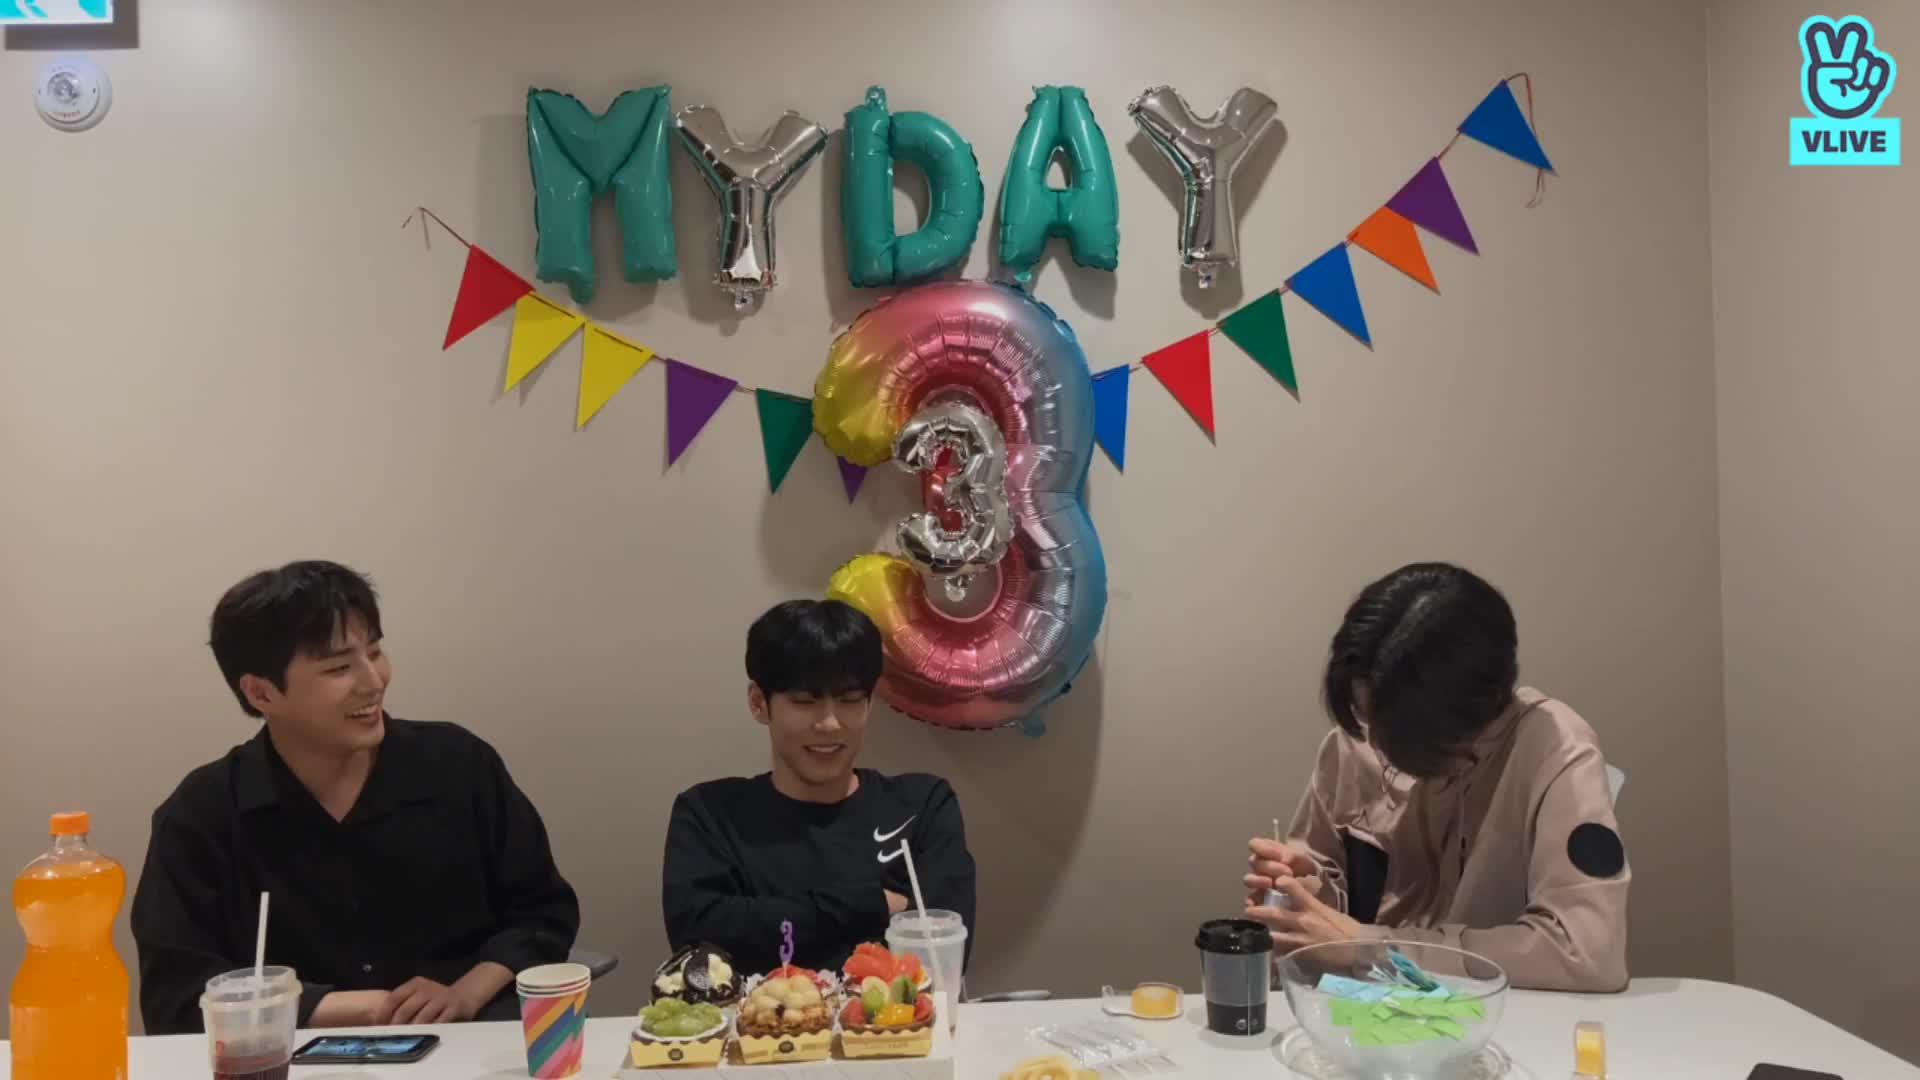 다시 돌아온 My Day 생일 축하 파티🍀